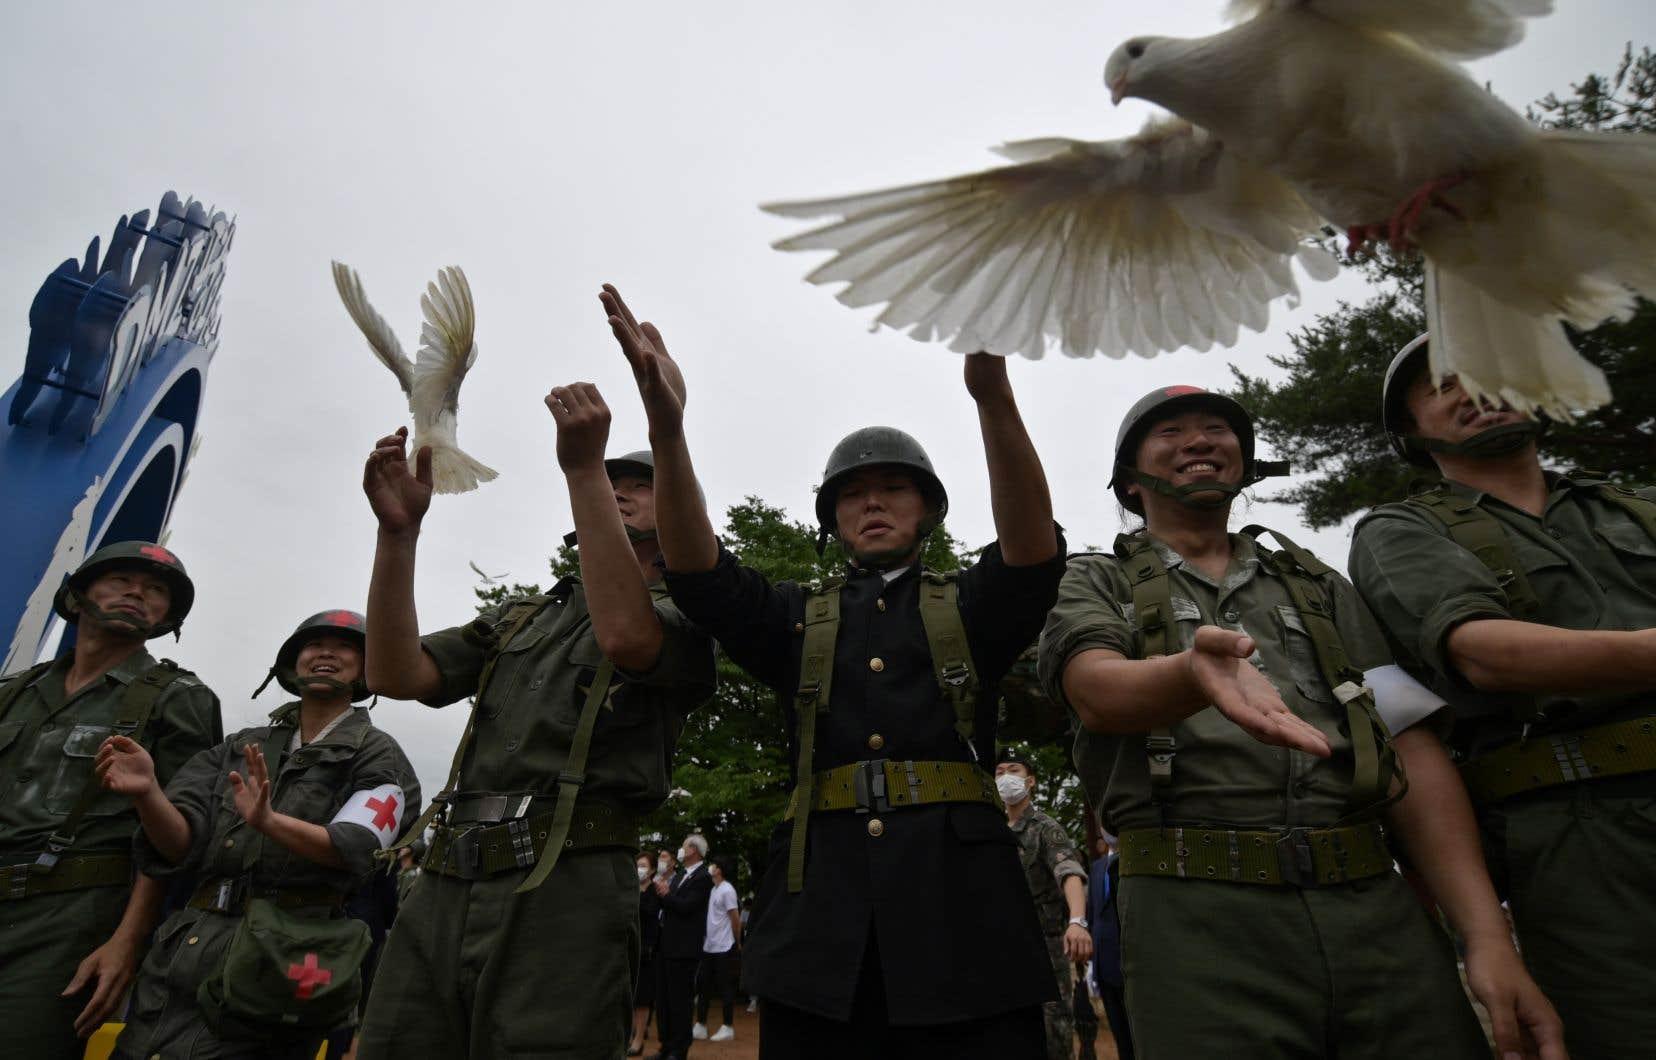 Sur les lieux d'une importante bataille, dans le comté de Cheorwon, près de la DMZ, une poignée de vétérans de la Guerre et des acteurs de reconstitution ont célébré l'événement.